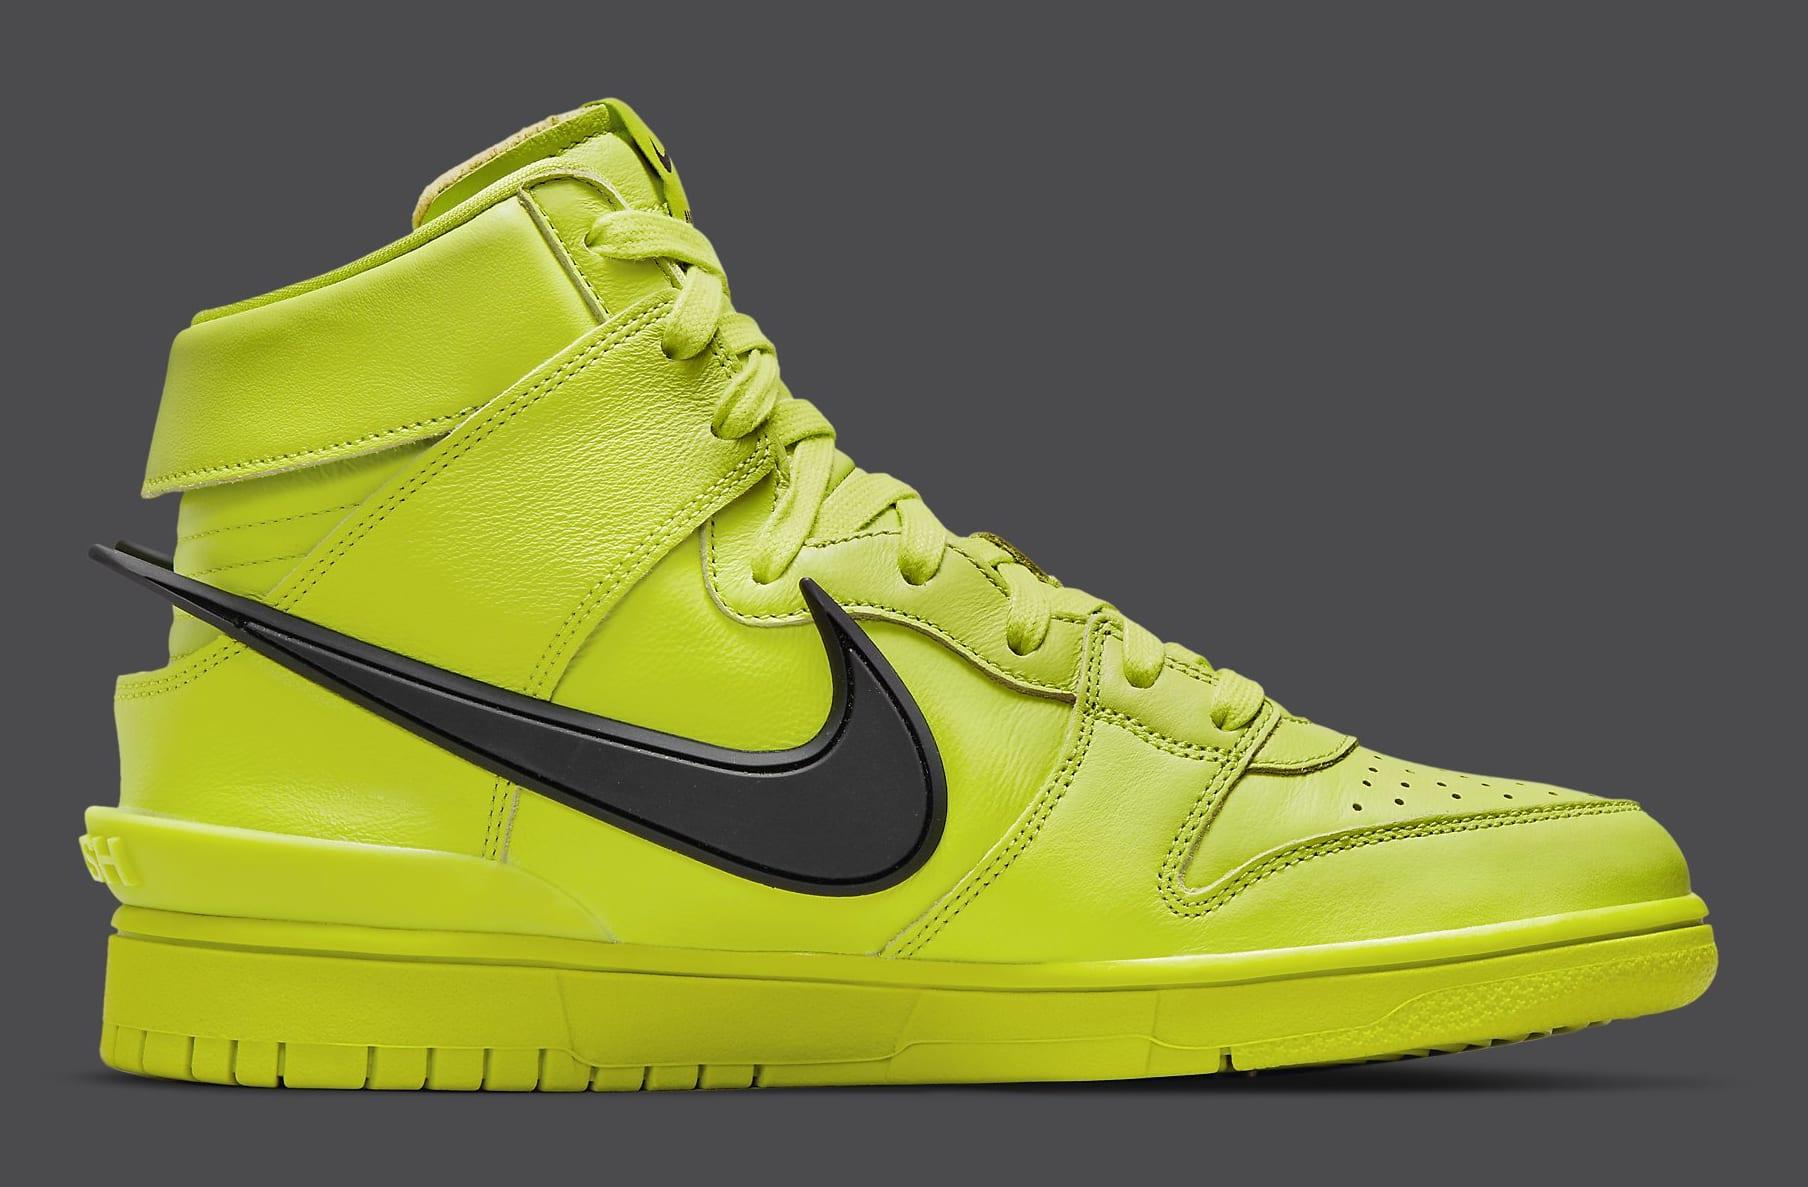 Ambush x Nike Dunk High Atomic Green Release Date CU7544-300 Medial